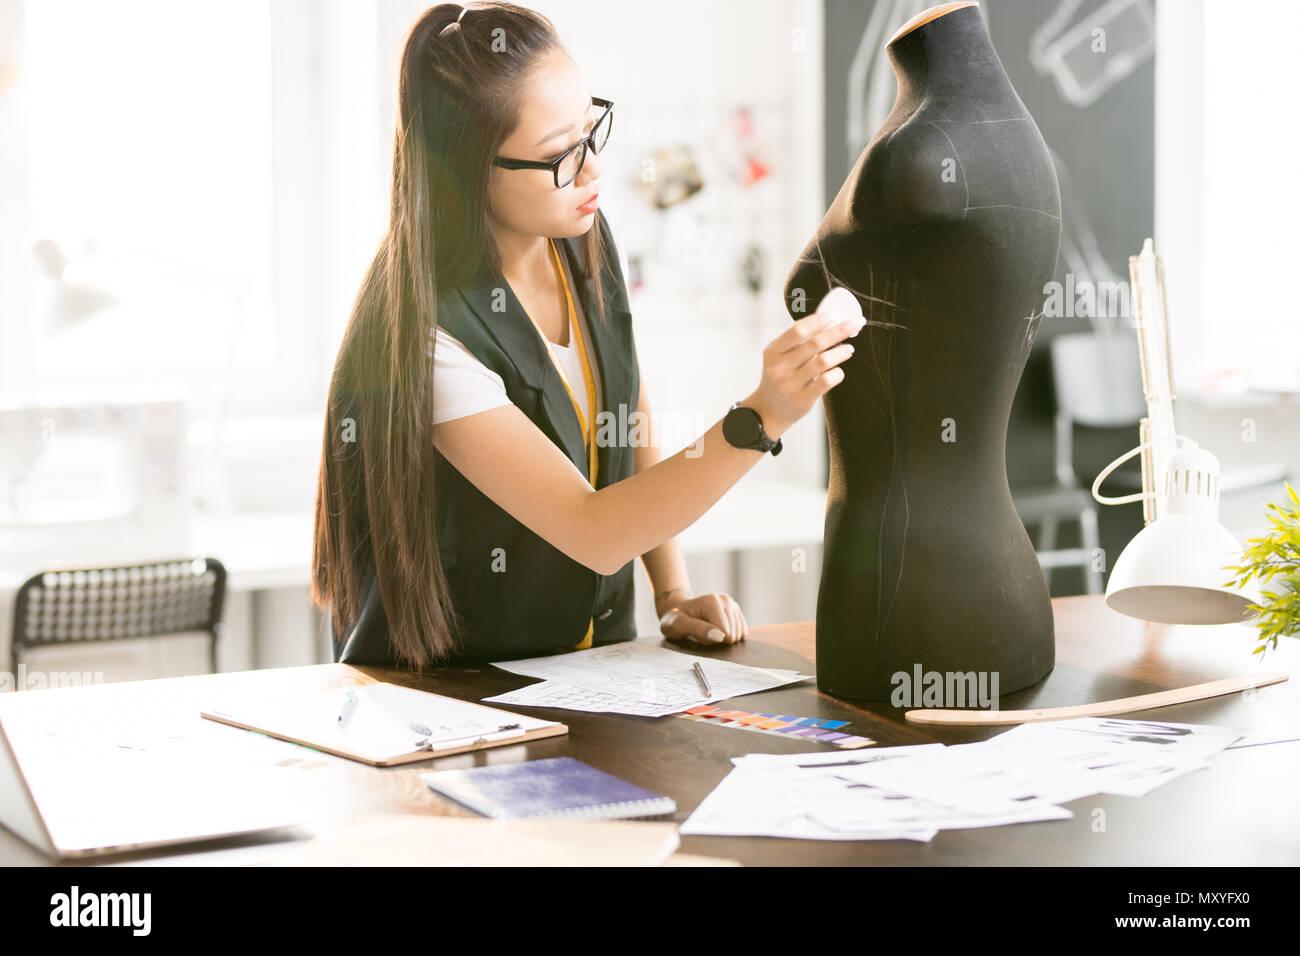 Cintura para arriba retrato de mujer asiática centrada trabajando en diseño de moda rastreo ficticio de costura de pie en la tabla los sastres en moderno iluminado atelier studio Imagen De Stock